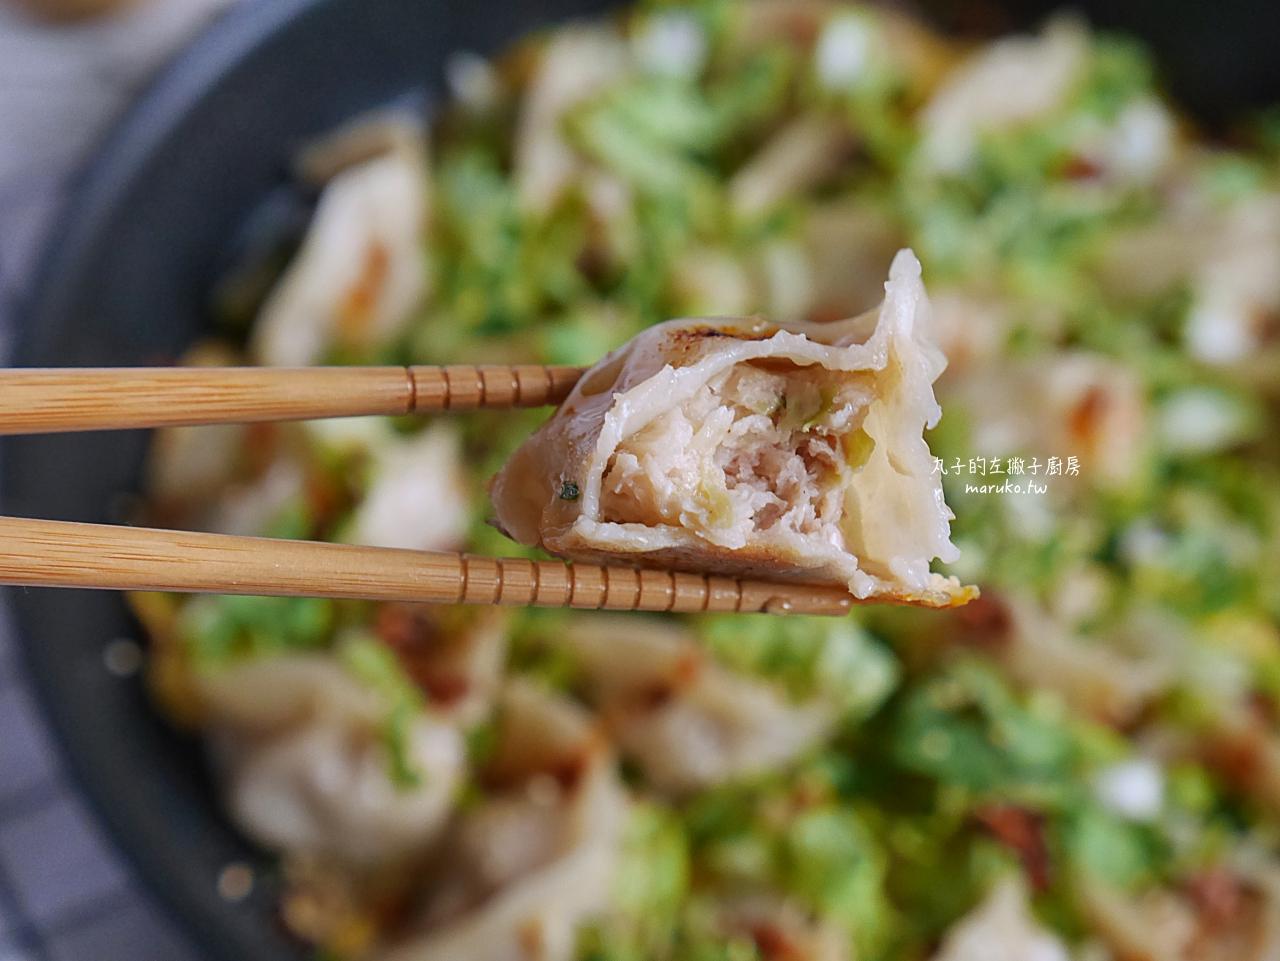 【食譜】雞蛋煎餃 水餃創意吃法加入蔬菜更健康 曾餃子手工水餃專賣店 @Maruko與美食有個約會